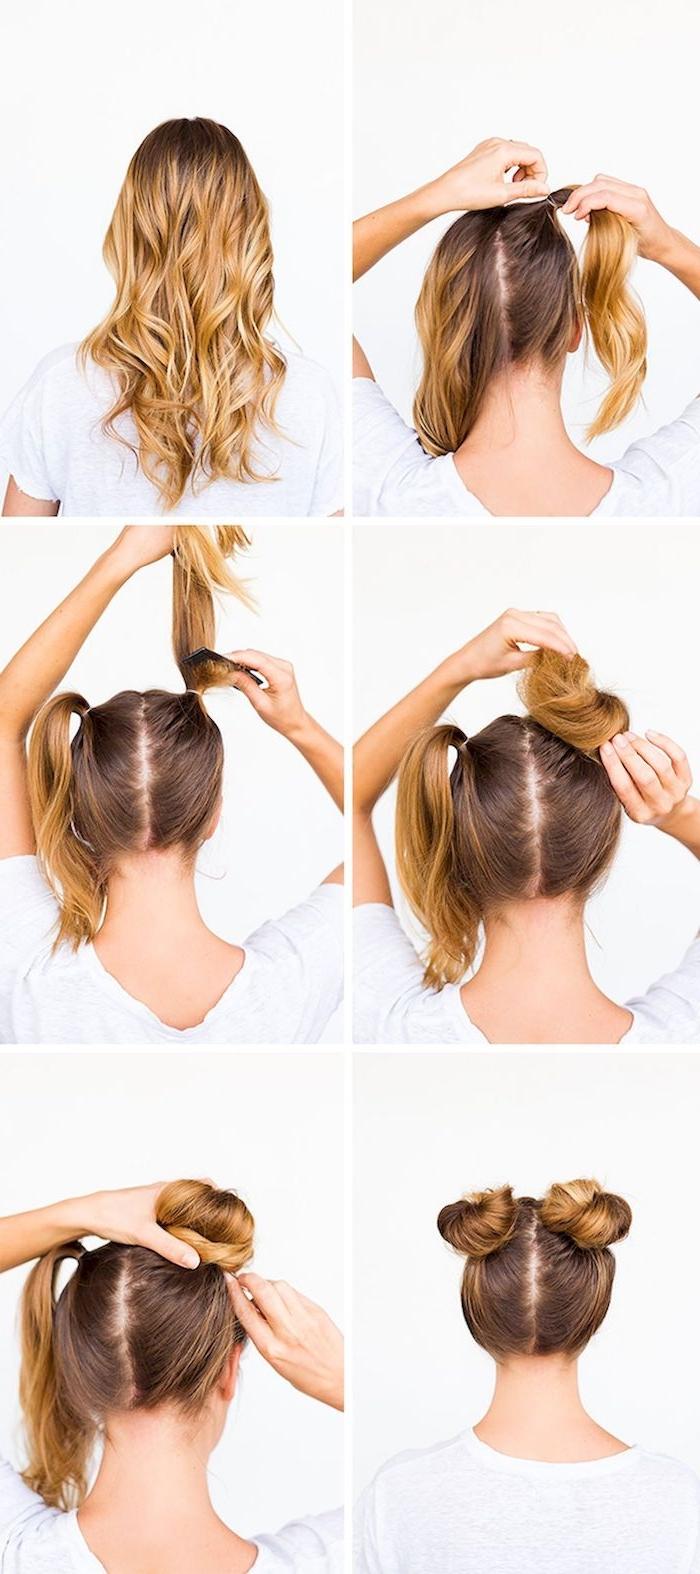 schritt für schritt anleitung dutt machen diy anleitungen zwei haarknoten selber machen frau mit blonden haaren dutt frisuren dünnes haar